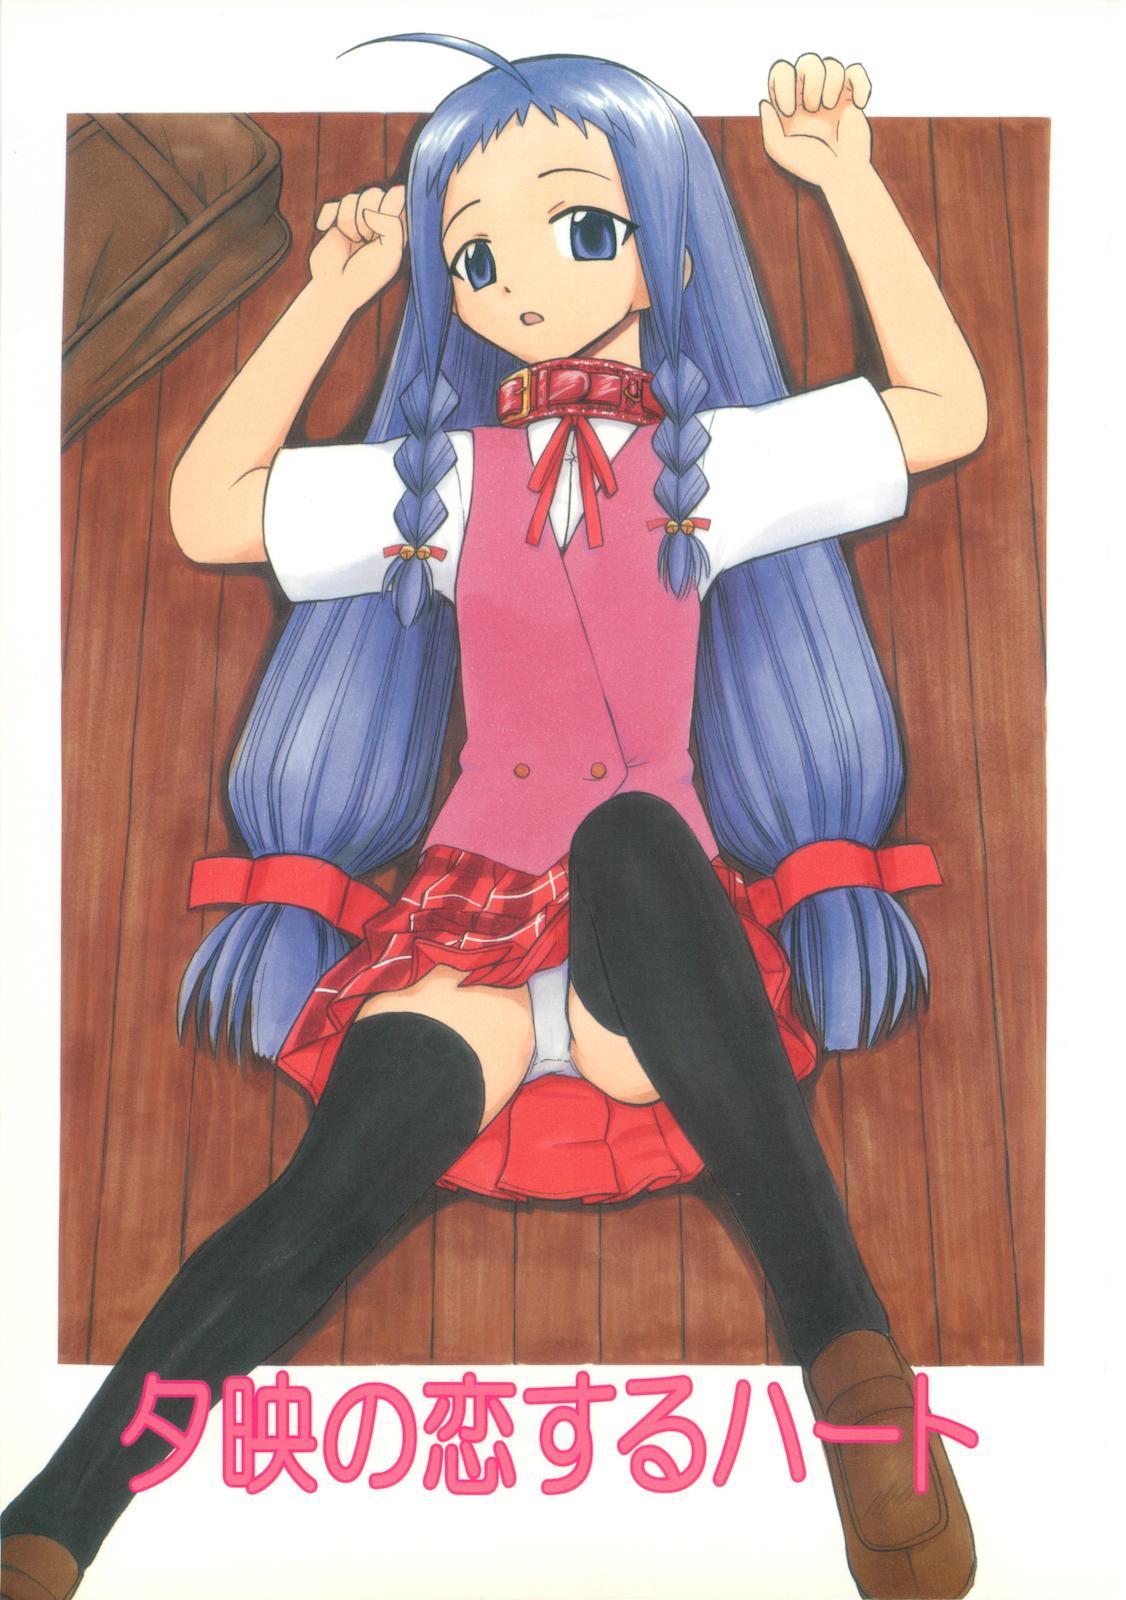 Yue no Koisuru Heart 0